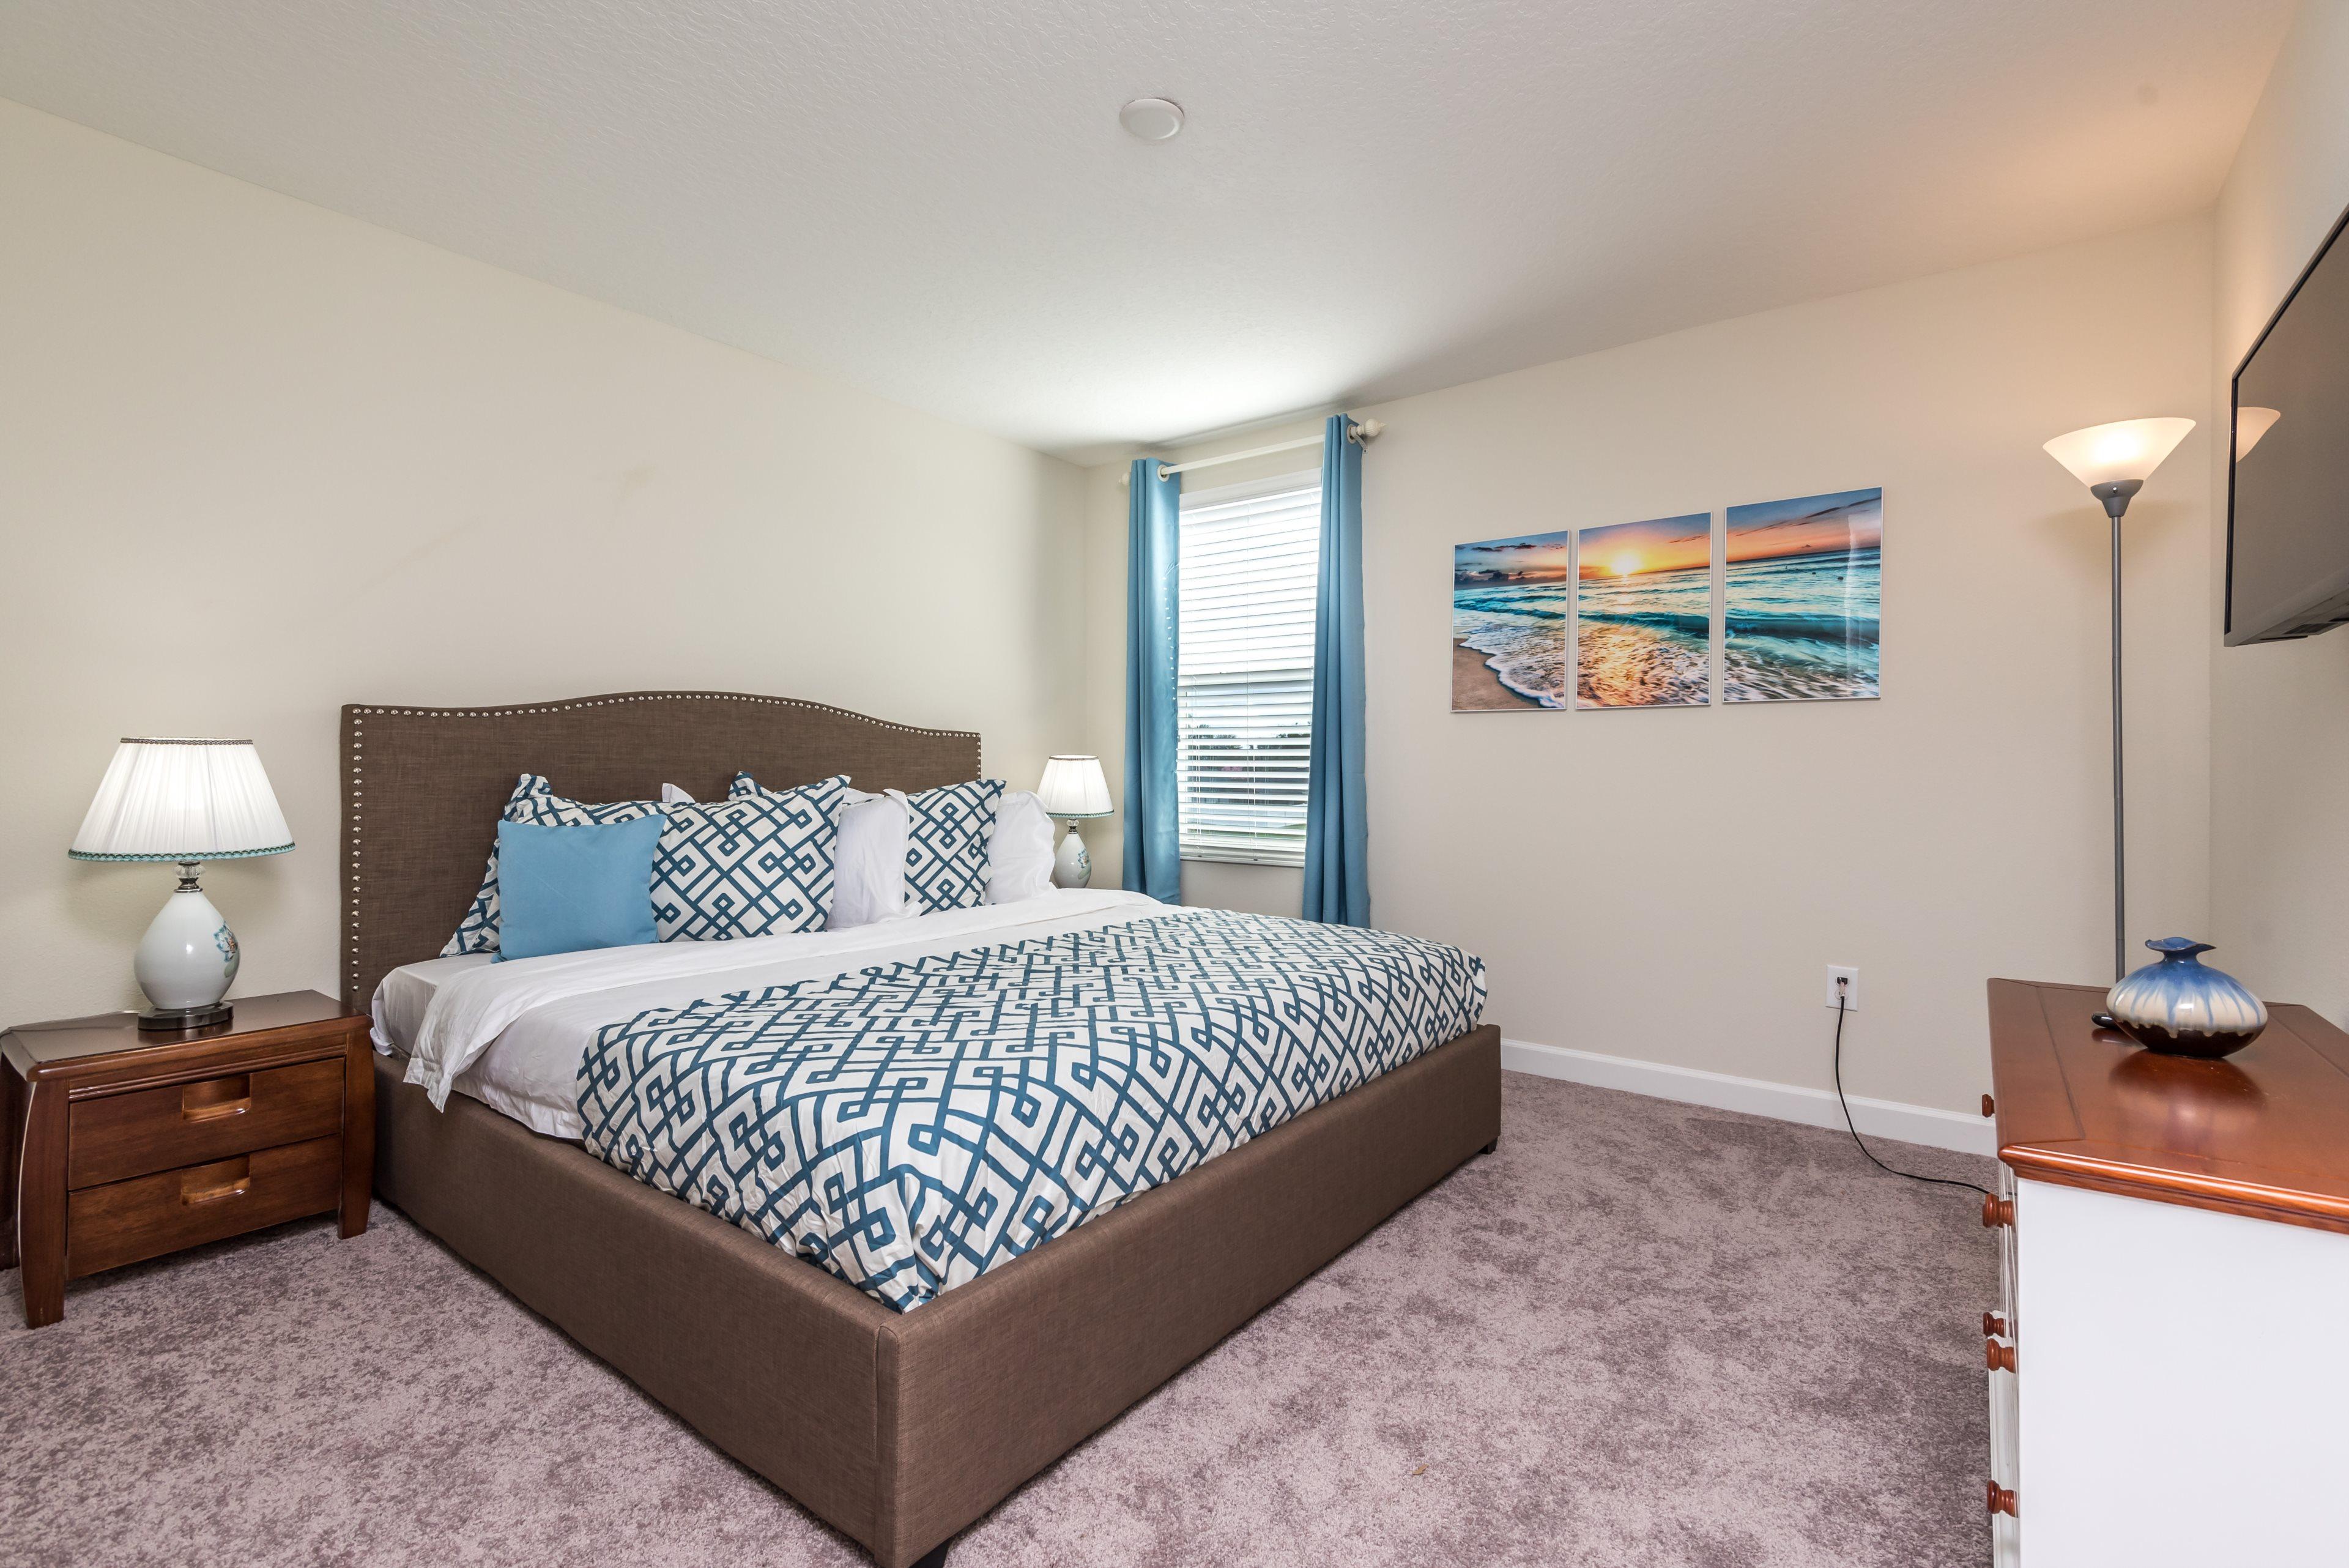 8 Bedroom 5 Star Platinum Champions Gate Resort Villas